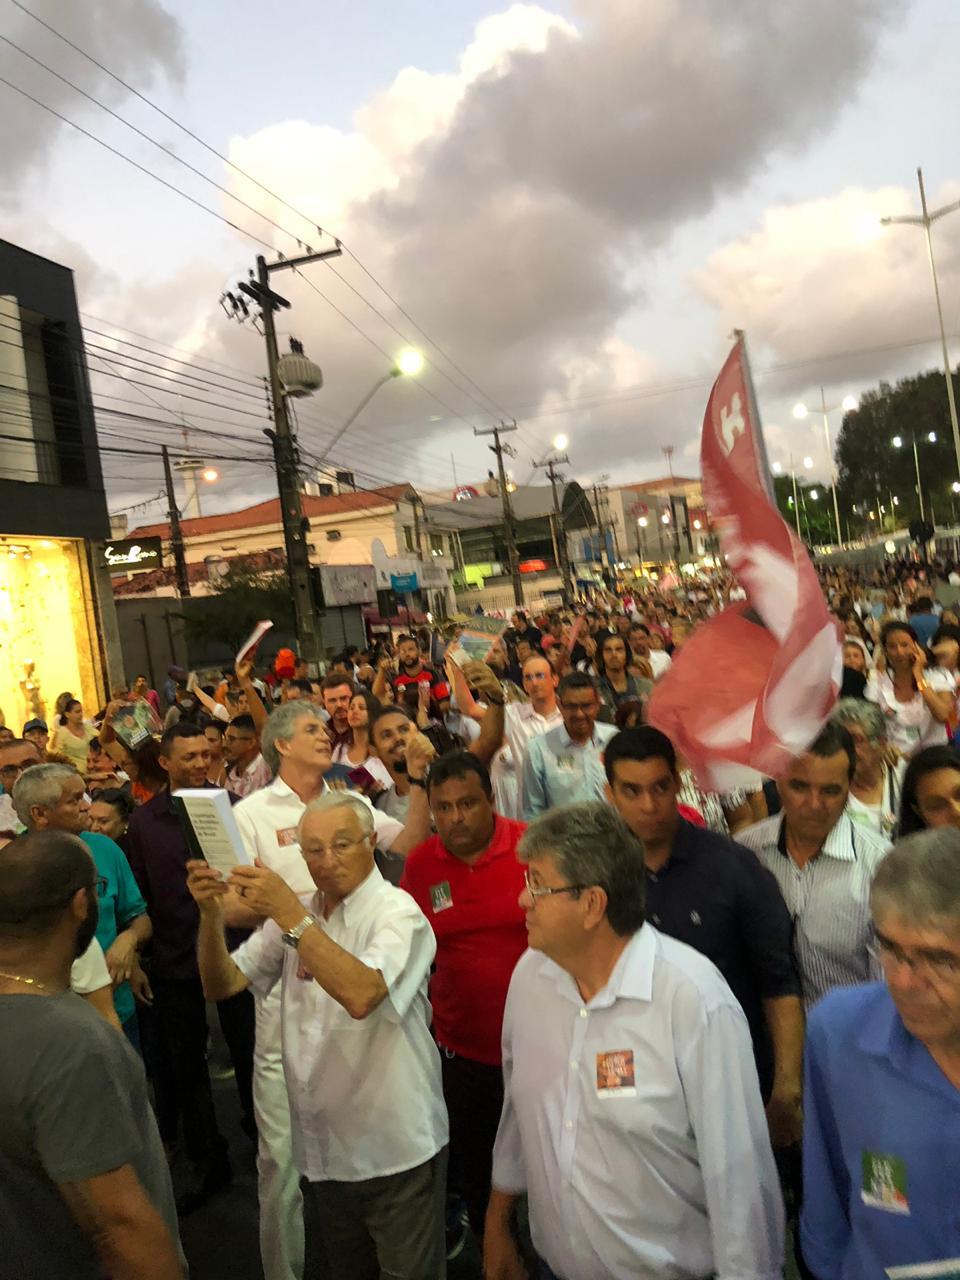 WhatsApp Image 2018 10 15 at 20.20.05 2 - Em caminhada, João e RC defendem democracia durante manifestação do livro